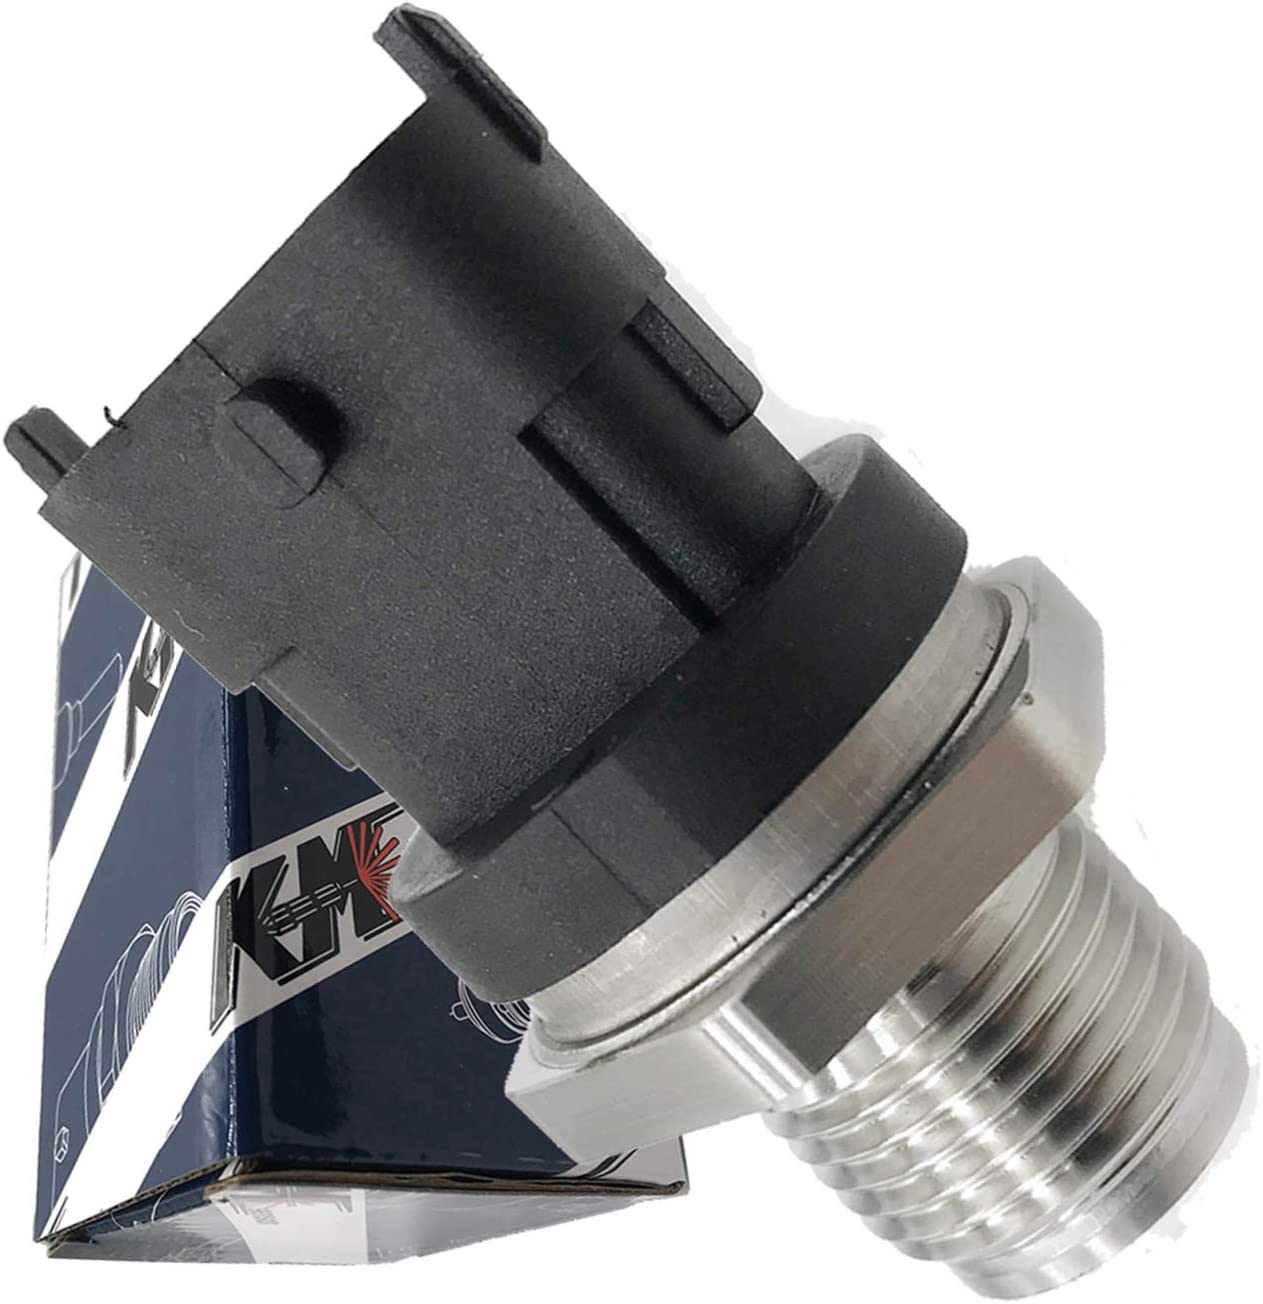 kmdiesel 0281002706 Fuel Rail Pressure Sensor unit Fit for CR Common Rail pump